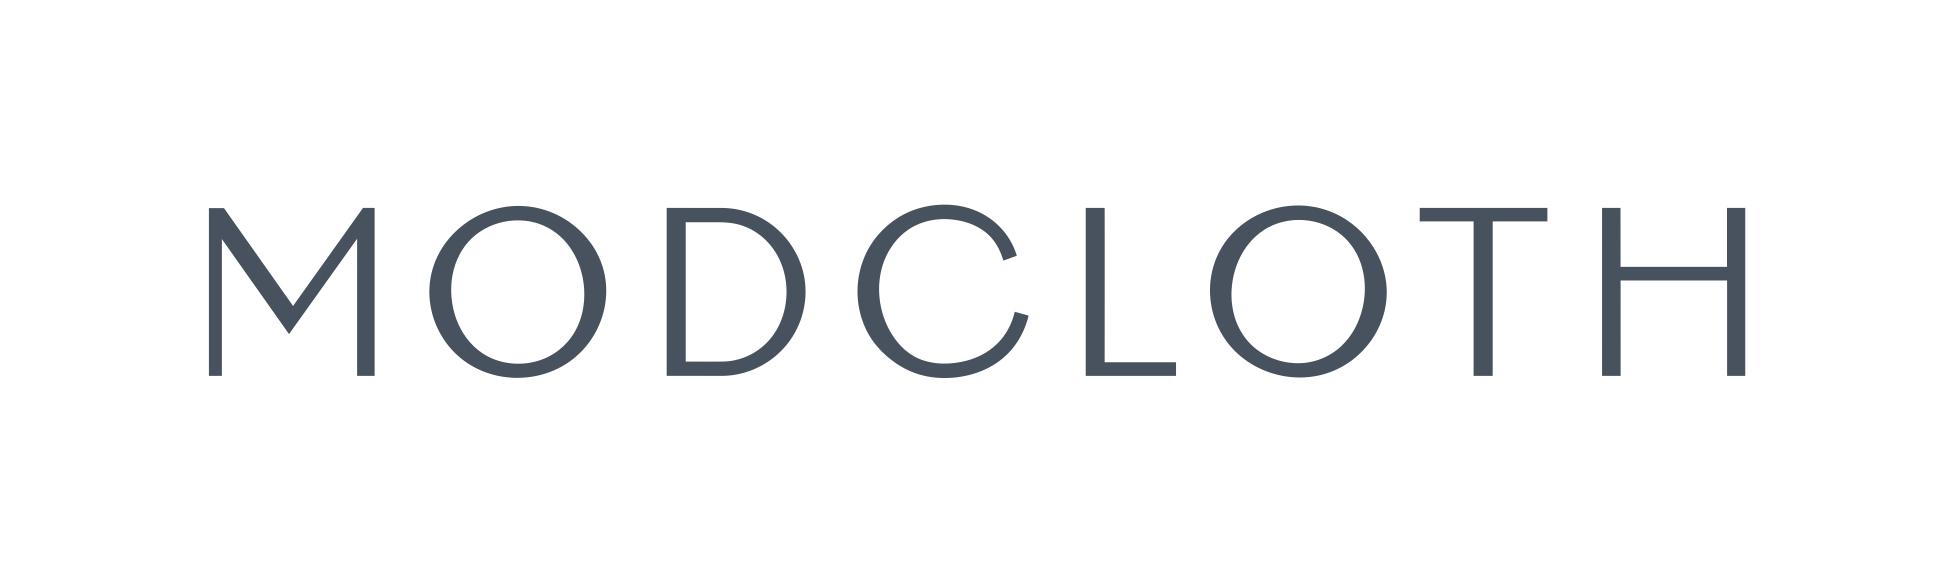 ModClothLogo-Slate copy.png